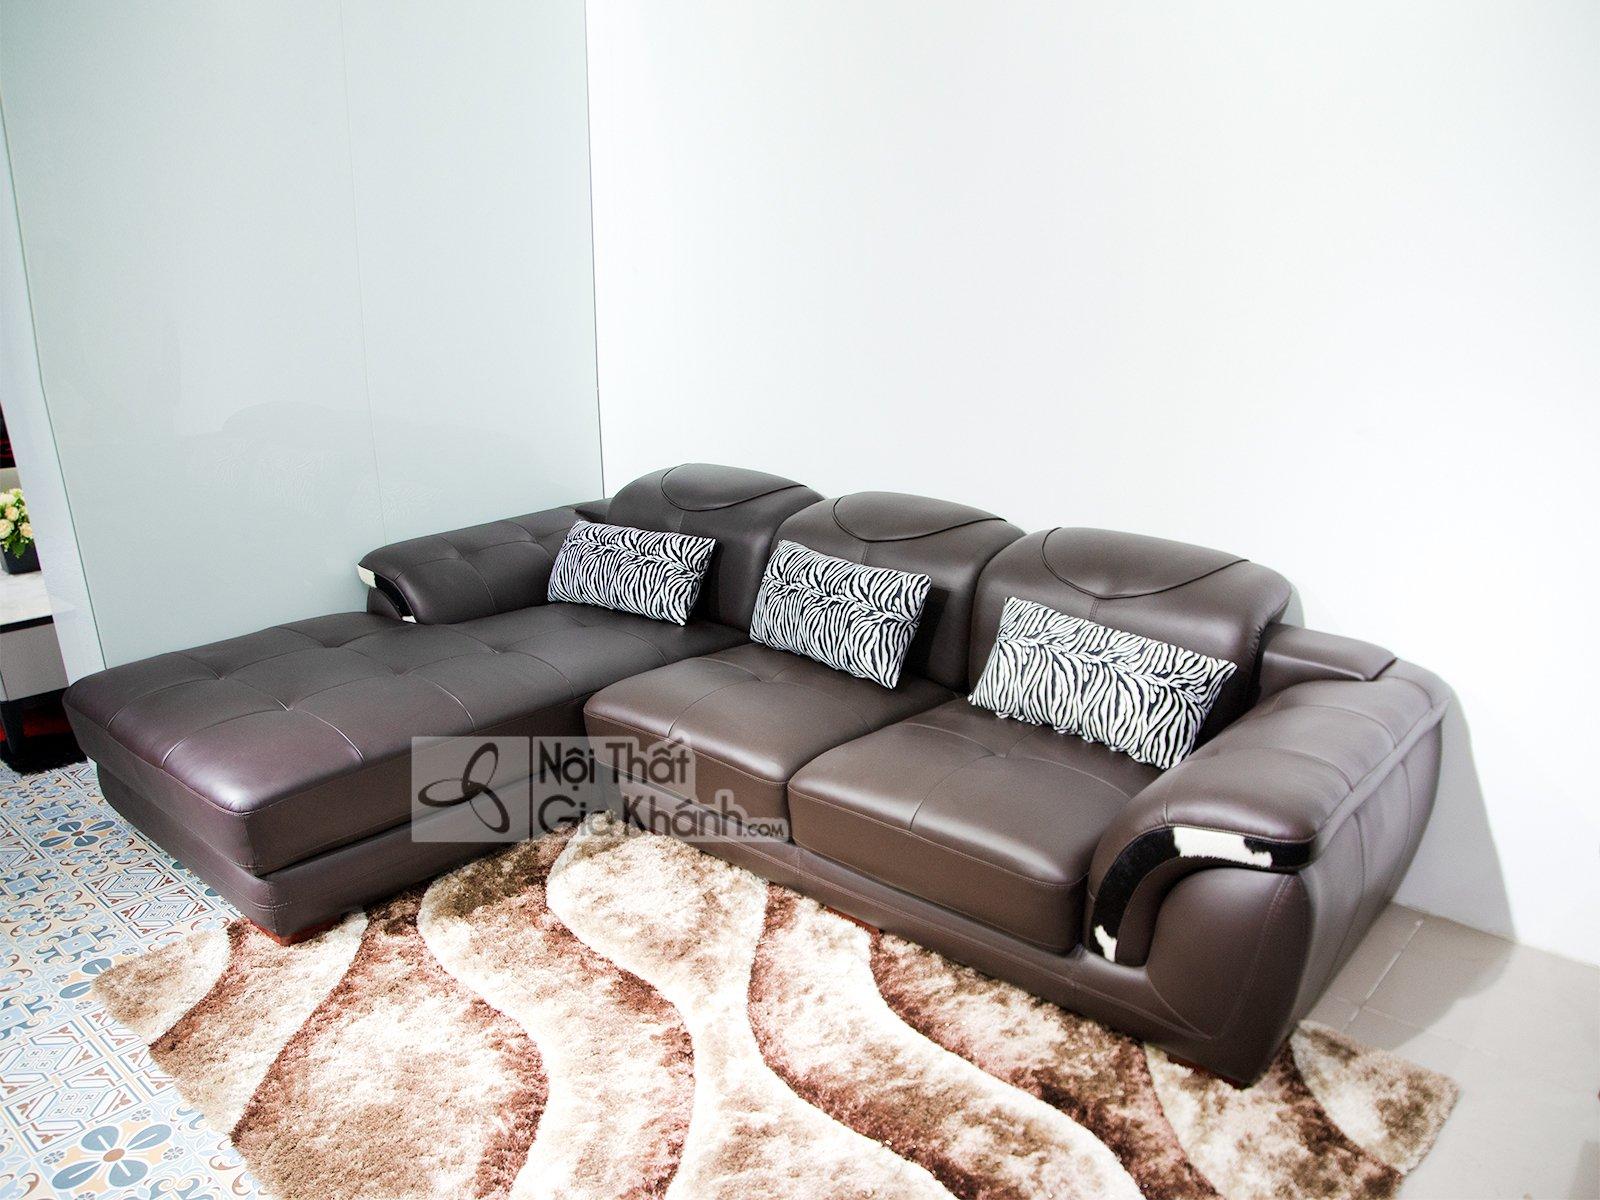 bo sofa 2 bang da bo nhap khau cao cap sf919 2b 19 - Sofa da hiện đại cho phòng khách SP0919-2-A1